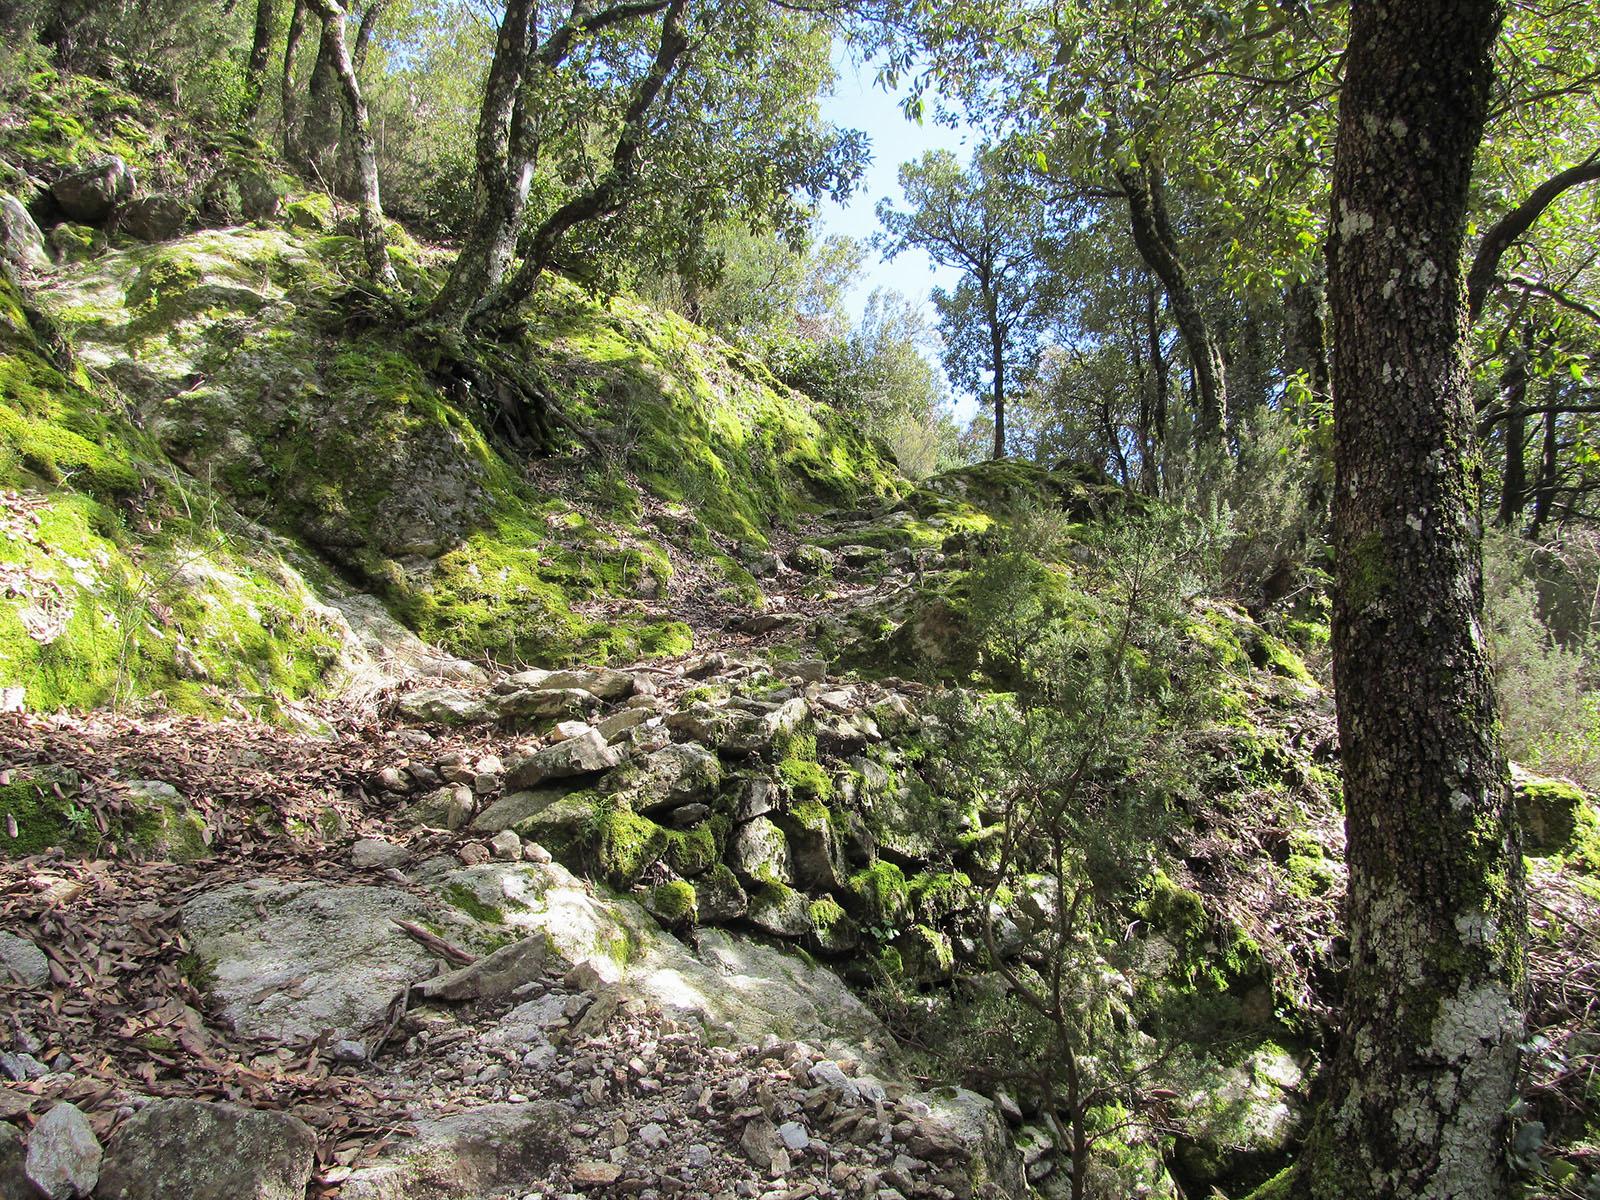 Cammino Basiliano: 35 Villaggio Mancuso - Pentone, sentiero